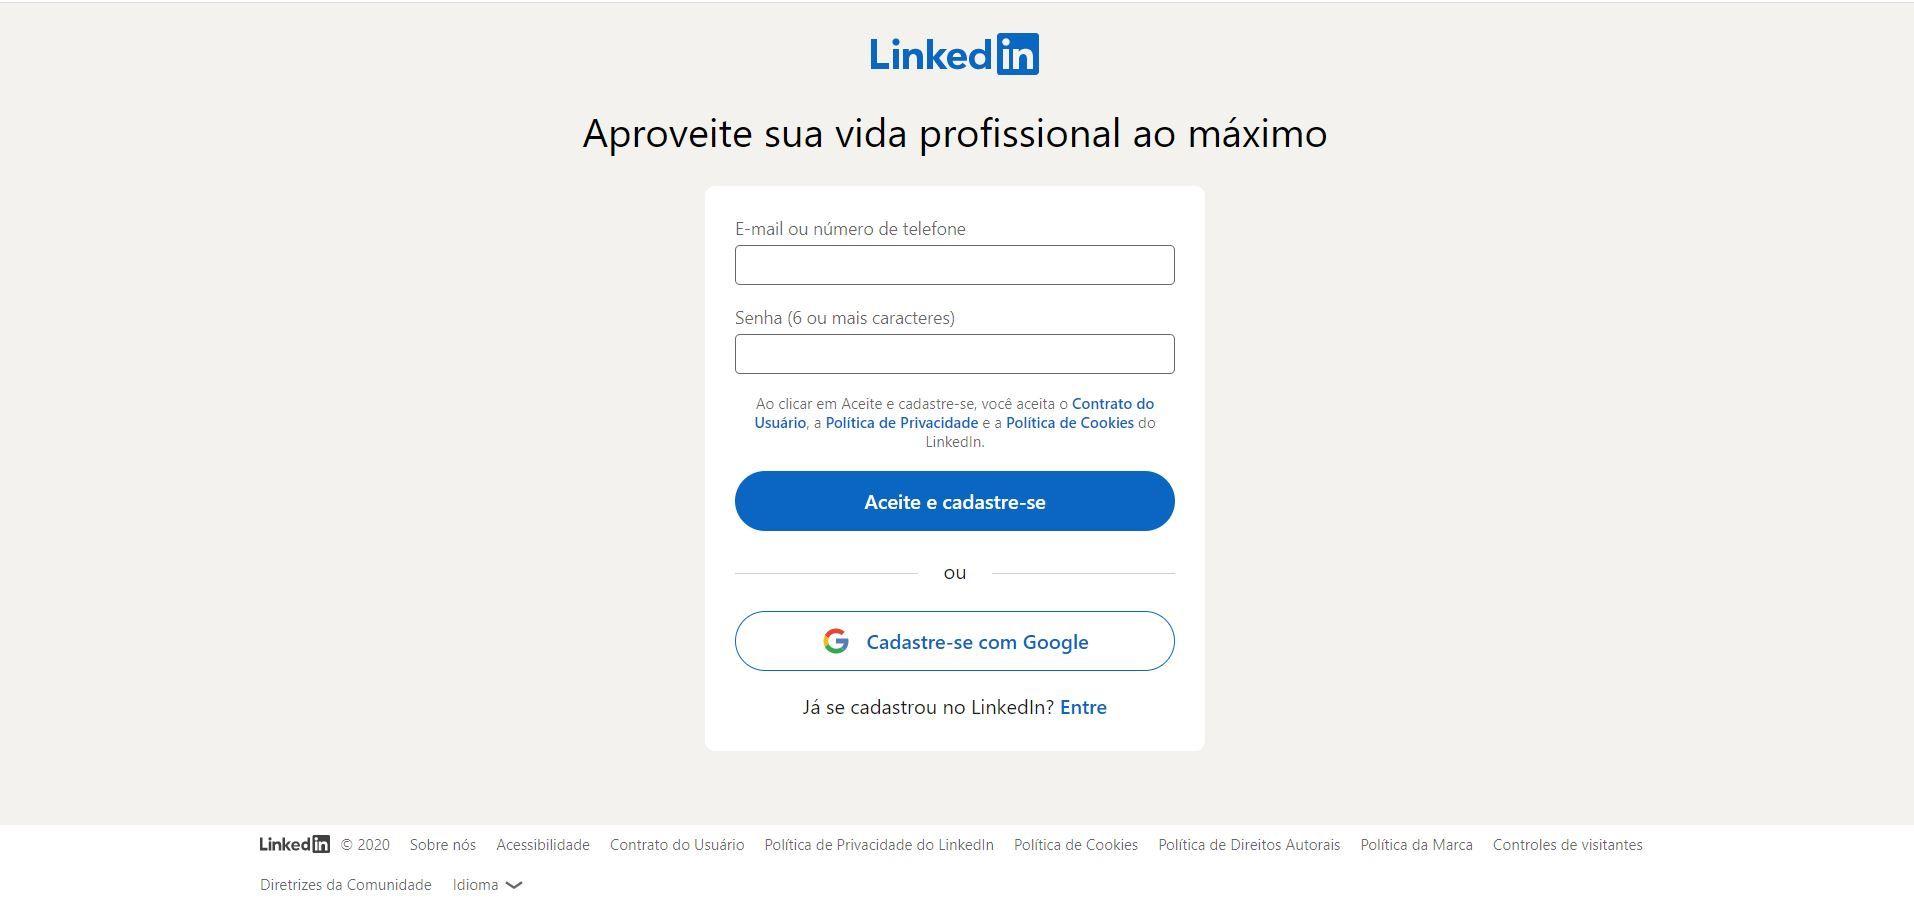 Preencha os campos para criar seu perfil no LinkedIn (Foto: Reprodução)